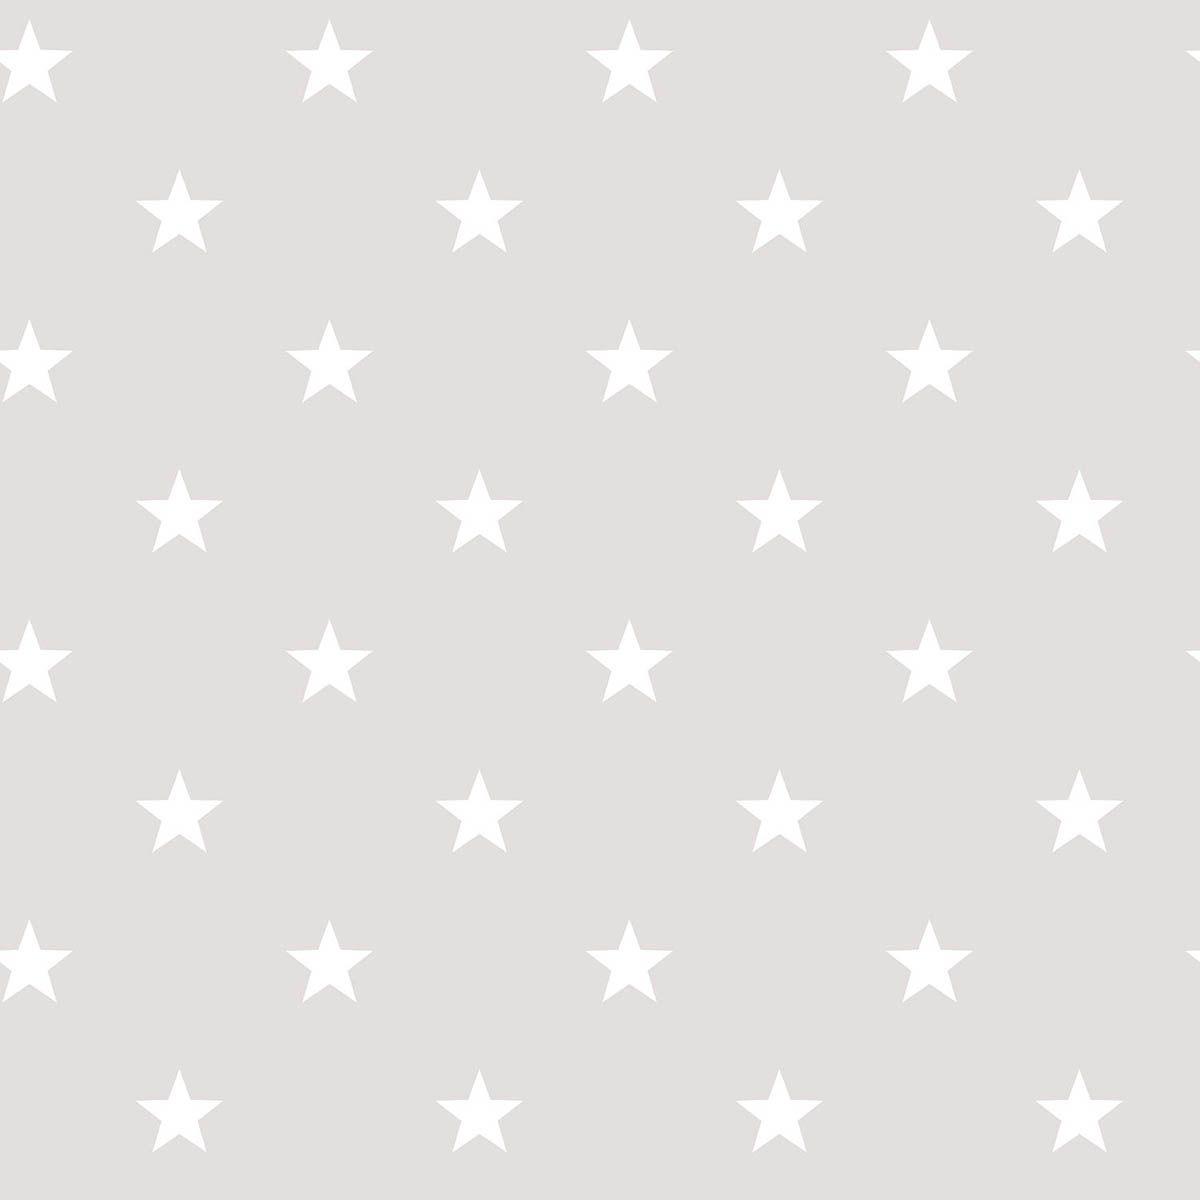 Papel de Parede Deauville 2 G23109 - Rolo: 10m x 0,53m